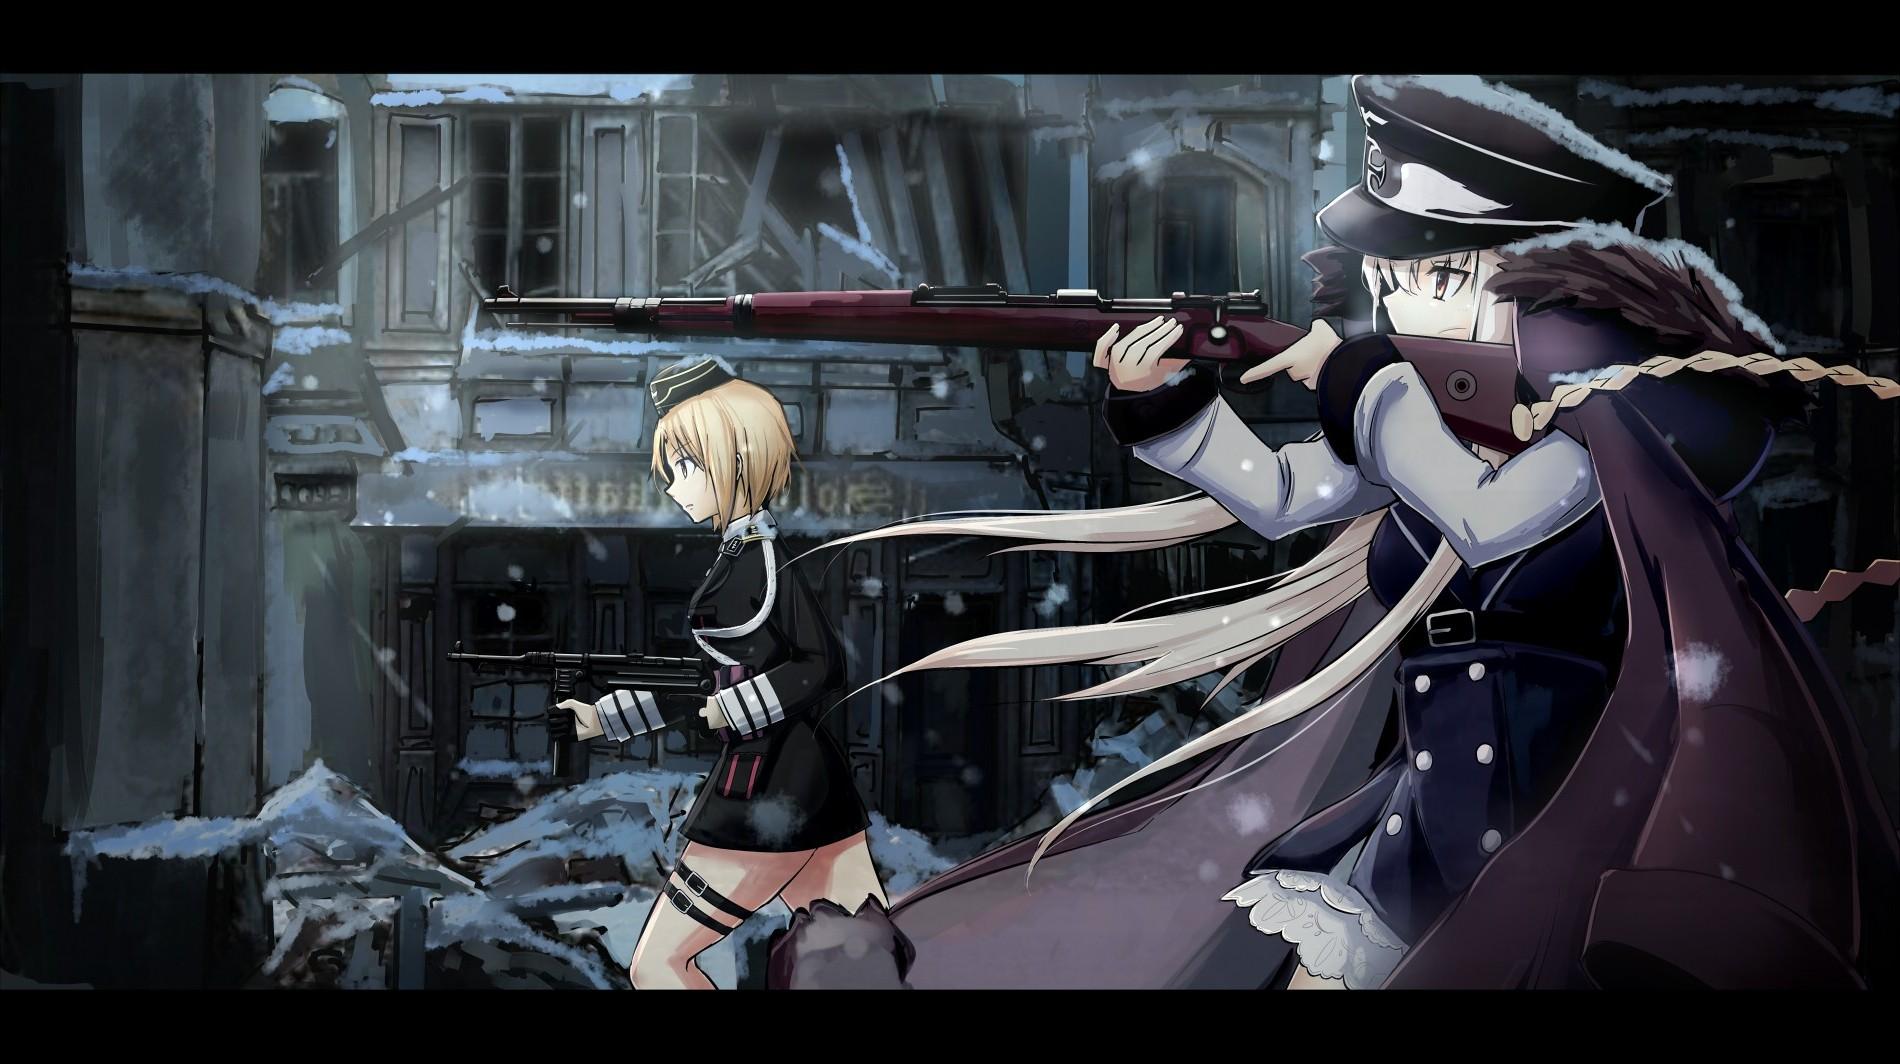 デスクトップ壁紙 銃 アニメの女の子 武器 漫画 女の子の最前線